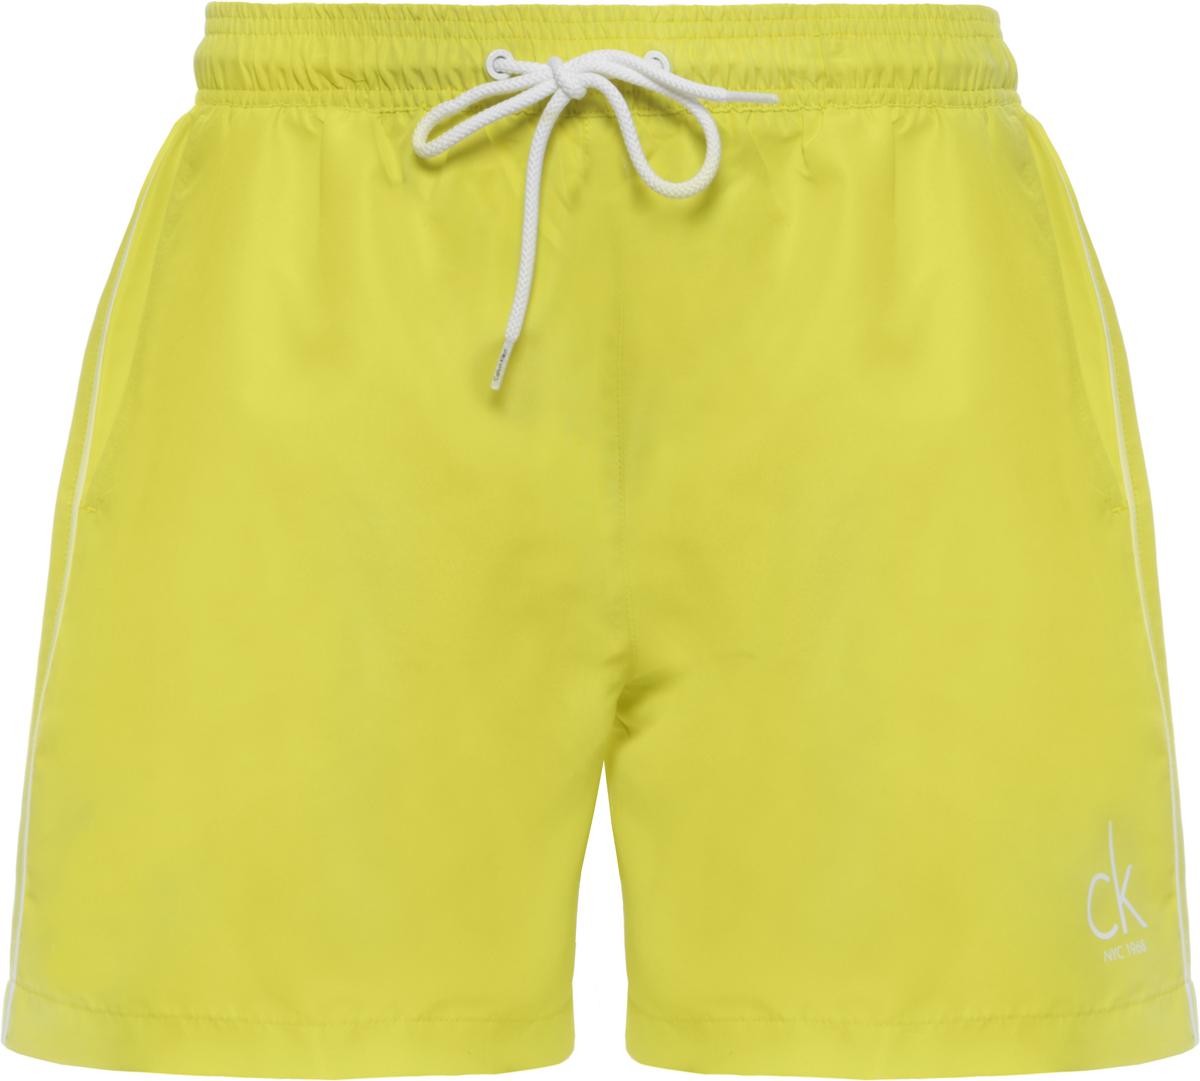 Шорты купальные мужские Calvin Klein Underwear, цвет: желтый. KM0KM00139. Размер M (48)KM0KM00139Шорты купальные мужские Calvin Klein Underwear выполнены из полиэстера. Модель дополнена затягивающимся шнурком.